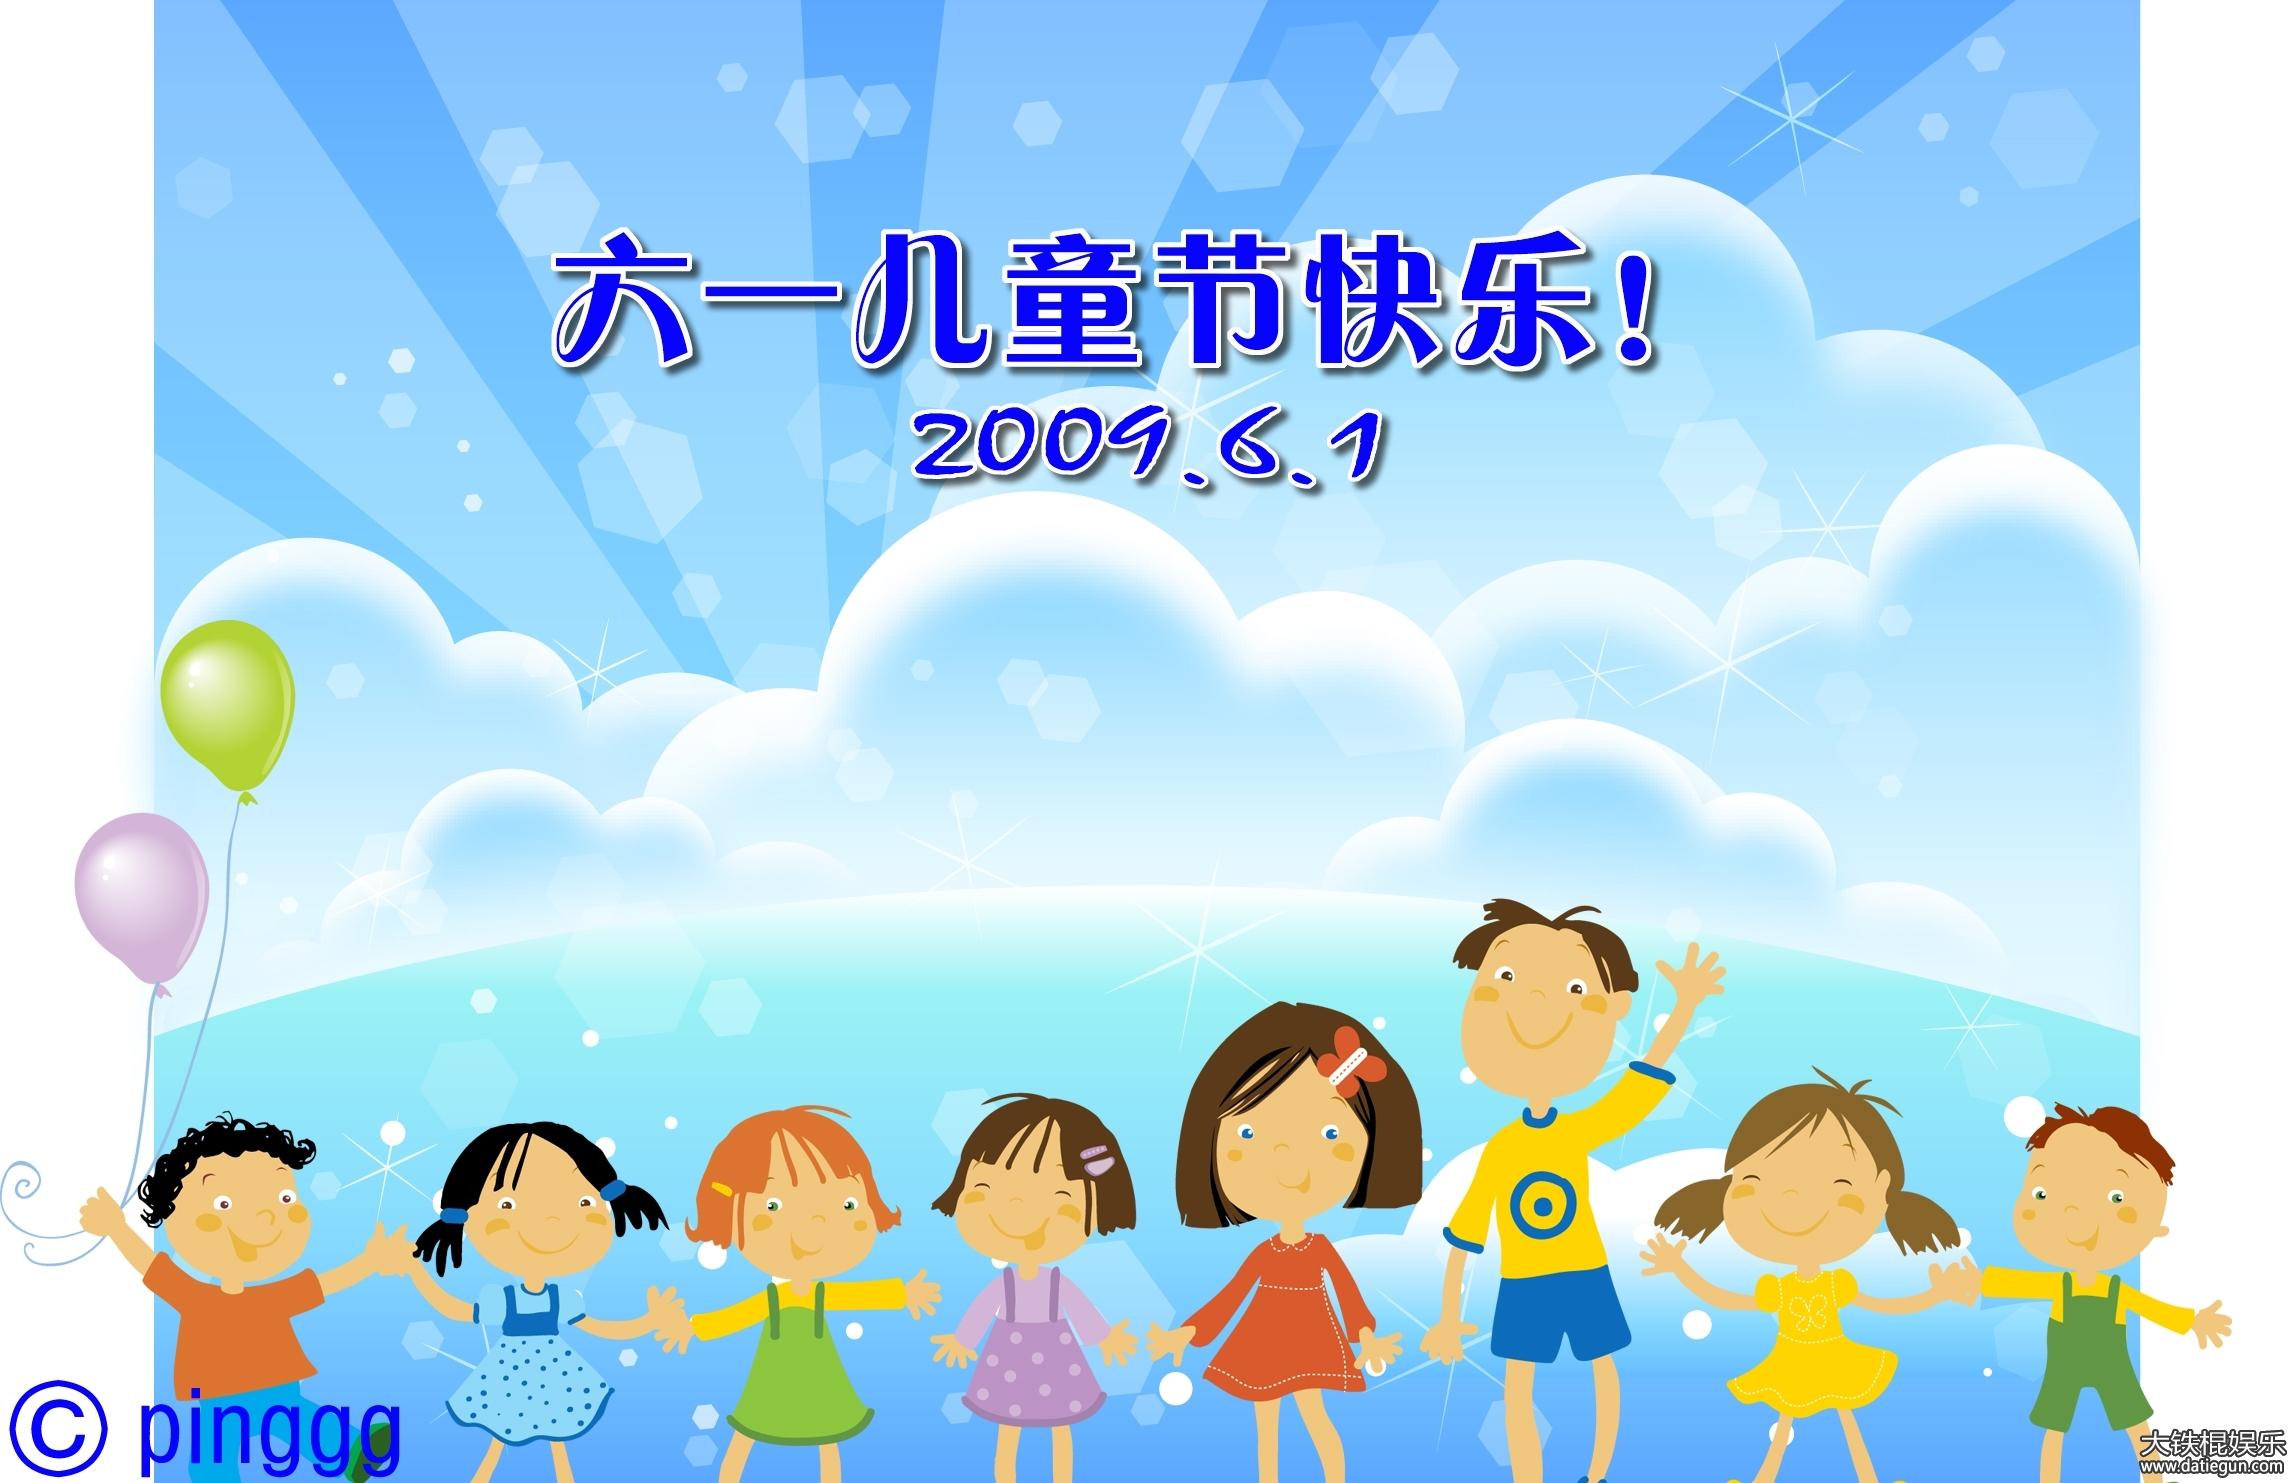 1、我们的田野儿童歌曲   2、少年少年祖国的春天儿童歌曲   3、快乐的节日儿童歌曲   4、歌声与微笑儿童歌曲   5、幸福拍手歌儿童歌曲   6、种太阳儿童歌曲   7、劳动最光荣儿童歌曲   8、鲁冰花儿童歌曲   9、小小少年儿童歌曲   10、校园多美好儿童歌曲   11、让我们荡起双桨儿童歌曲   12、雨花石儿童歌曲   13、新鞋子旧鞋子儿童歌曲   14、清晨儿童歌曲   15、蓝精灵之歌儿童歌曲